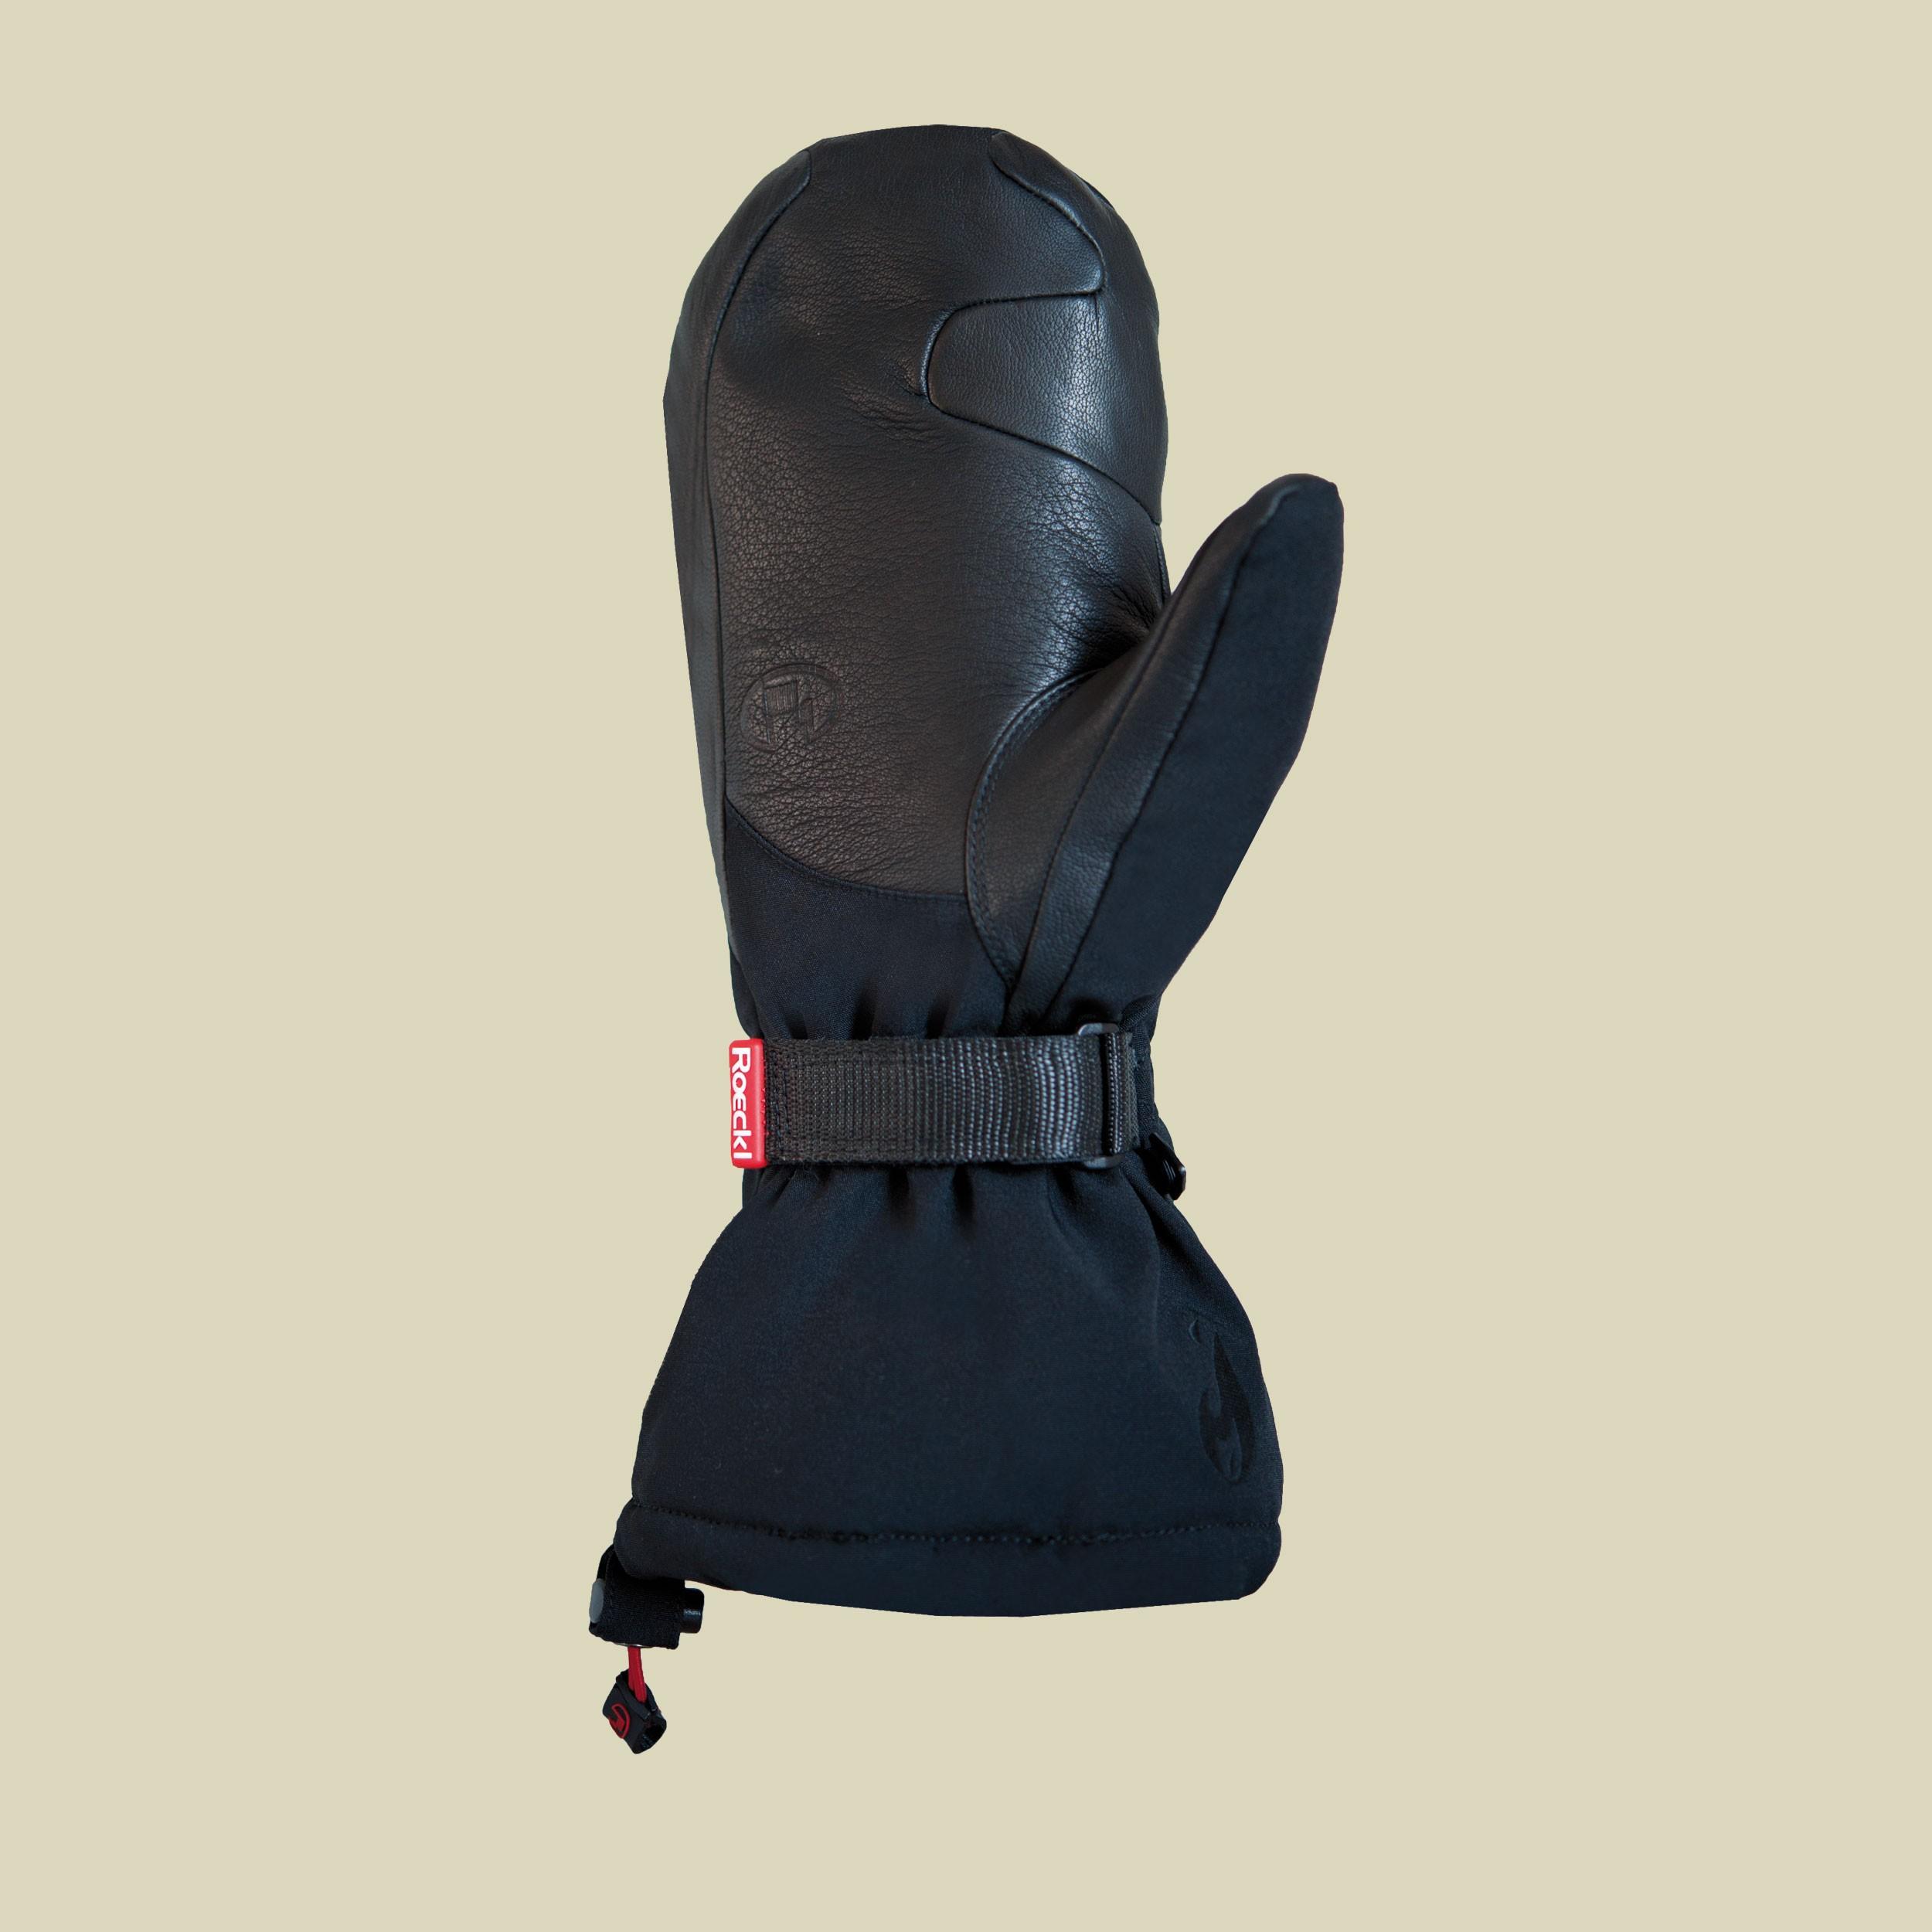 Bekleidung Roeckl Kabru Mitten GTX Unisex Handschuh Damen